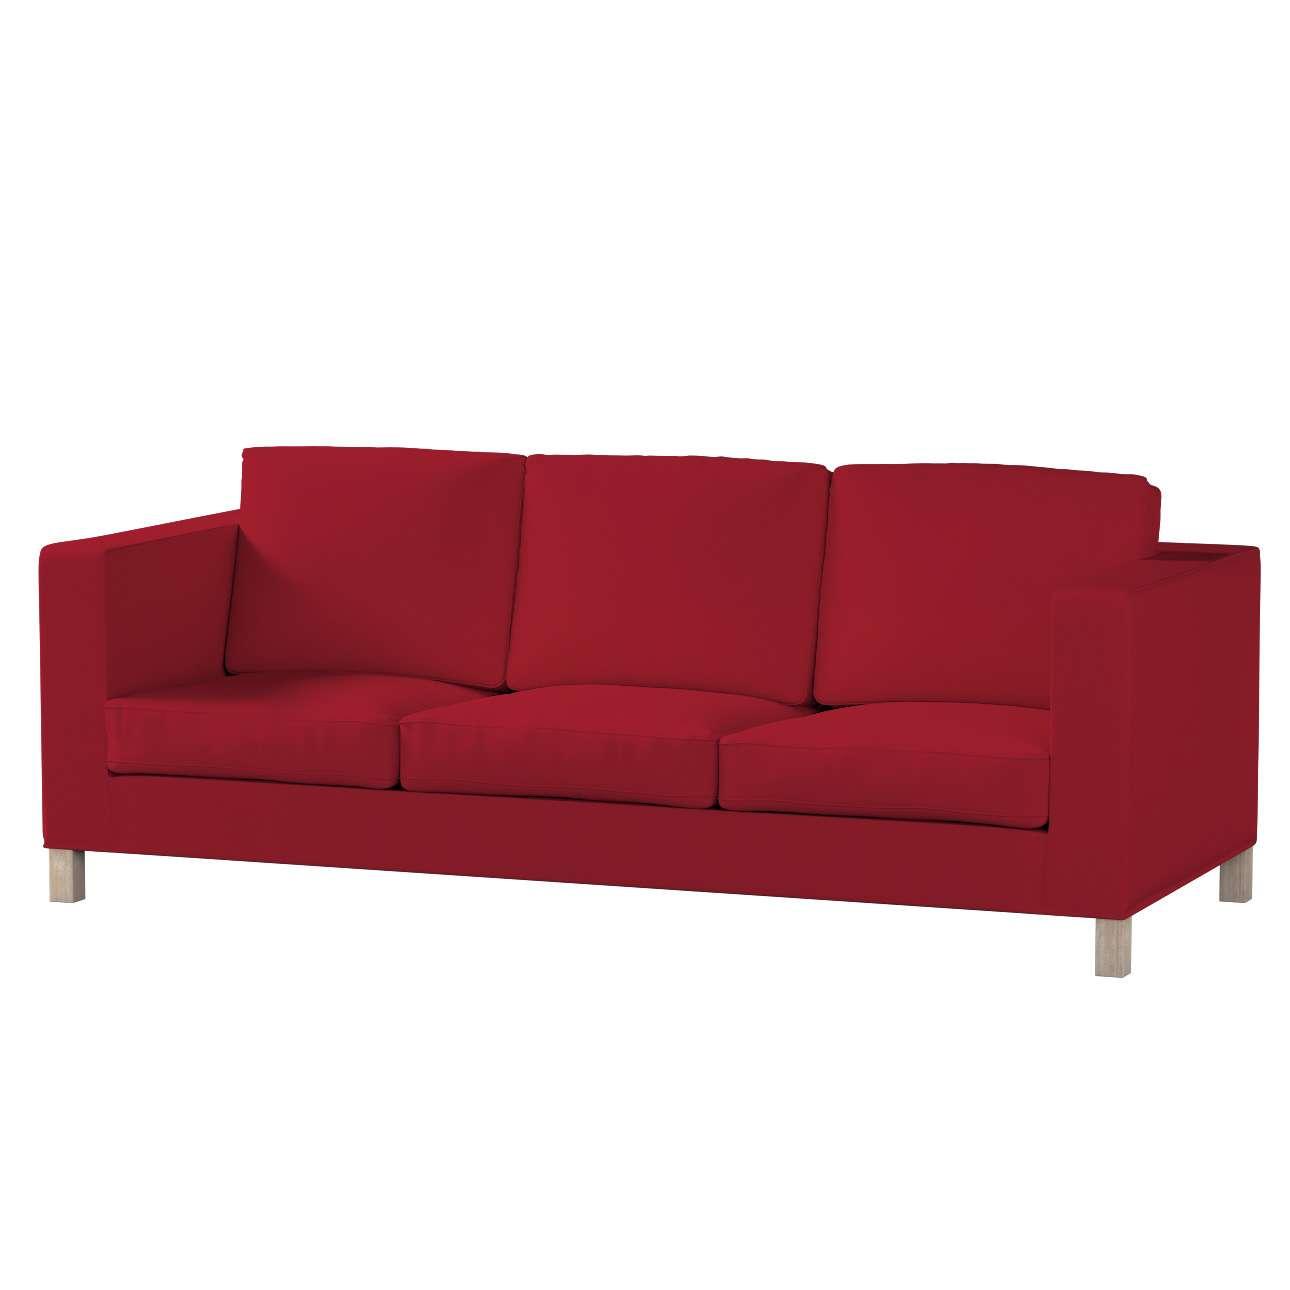 Bezug für Karlanda 3-Sitzer Sofa nicht ausklappbar, kurz von der Kollektion Chenille , Stoff: 702-24